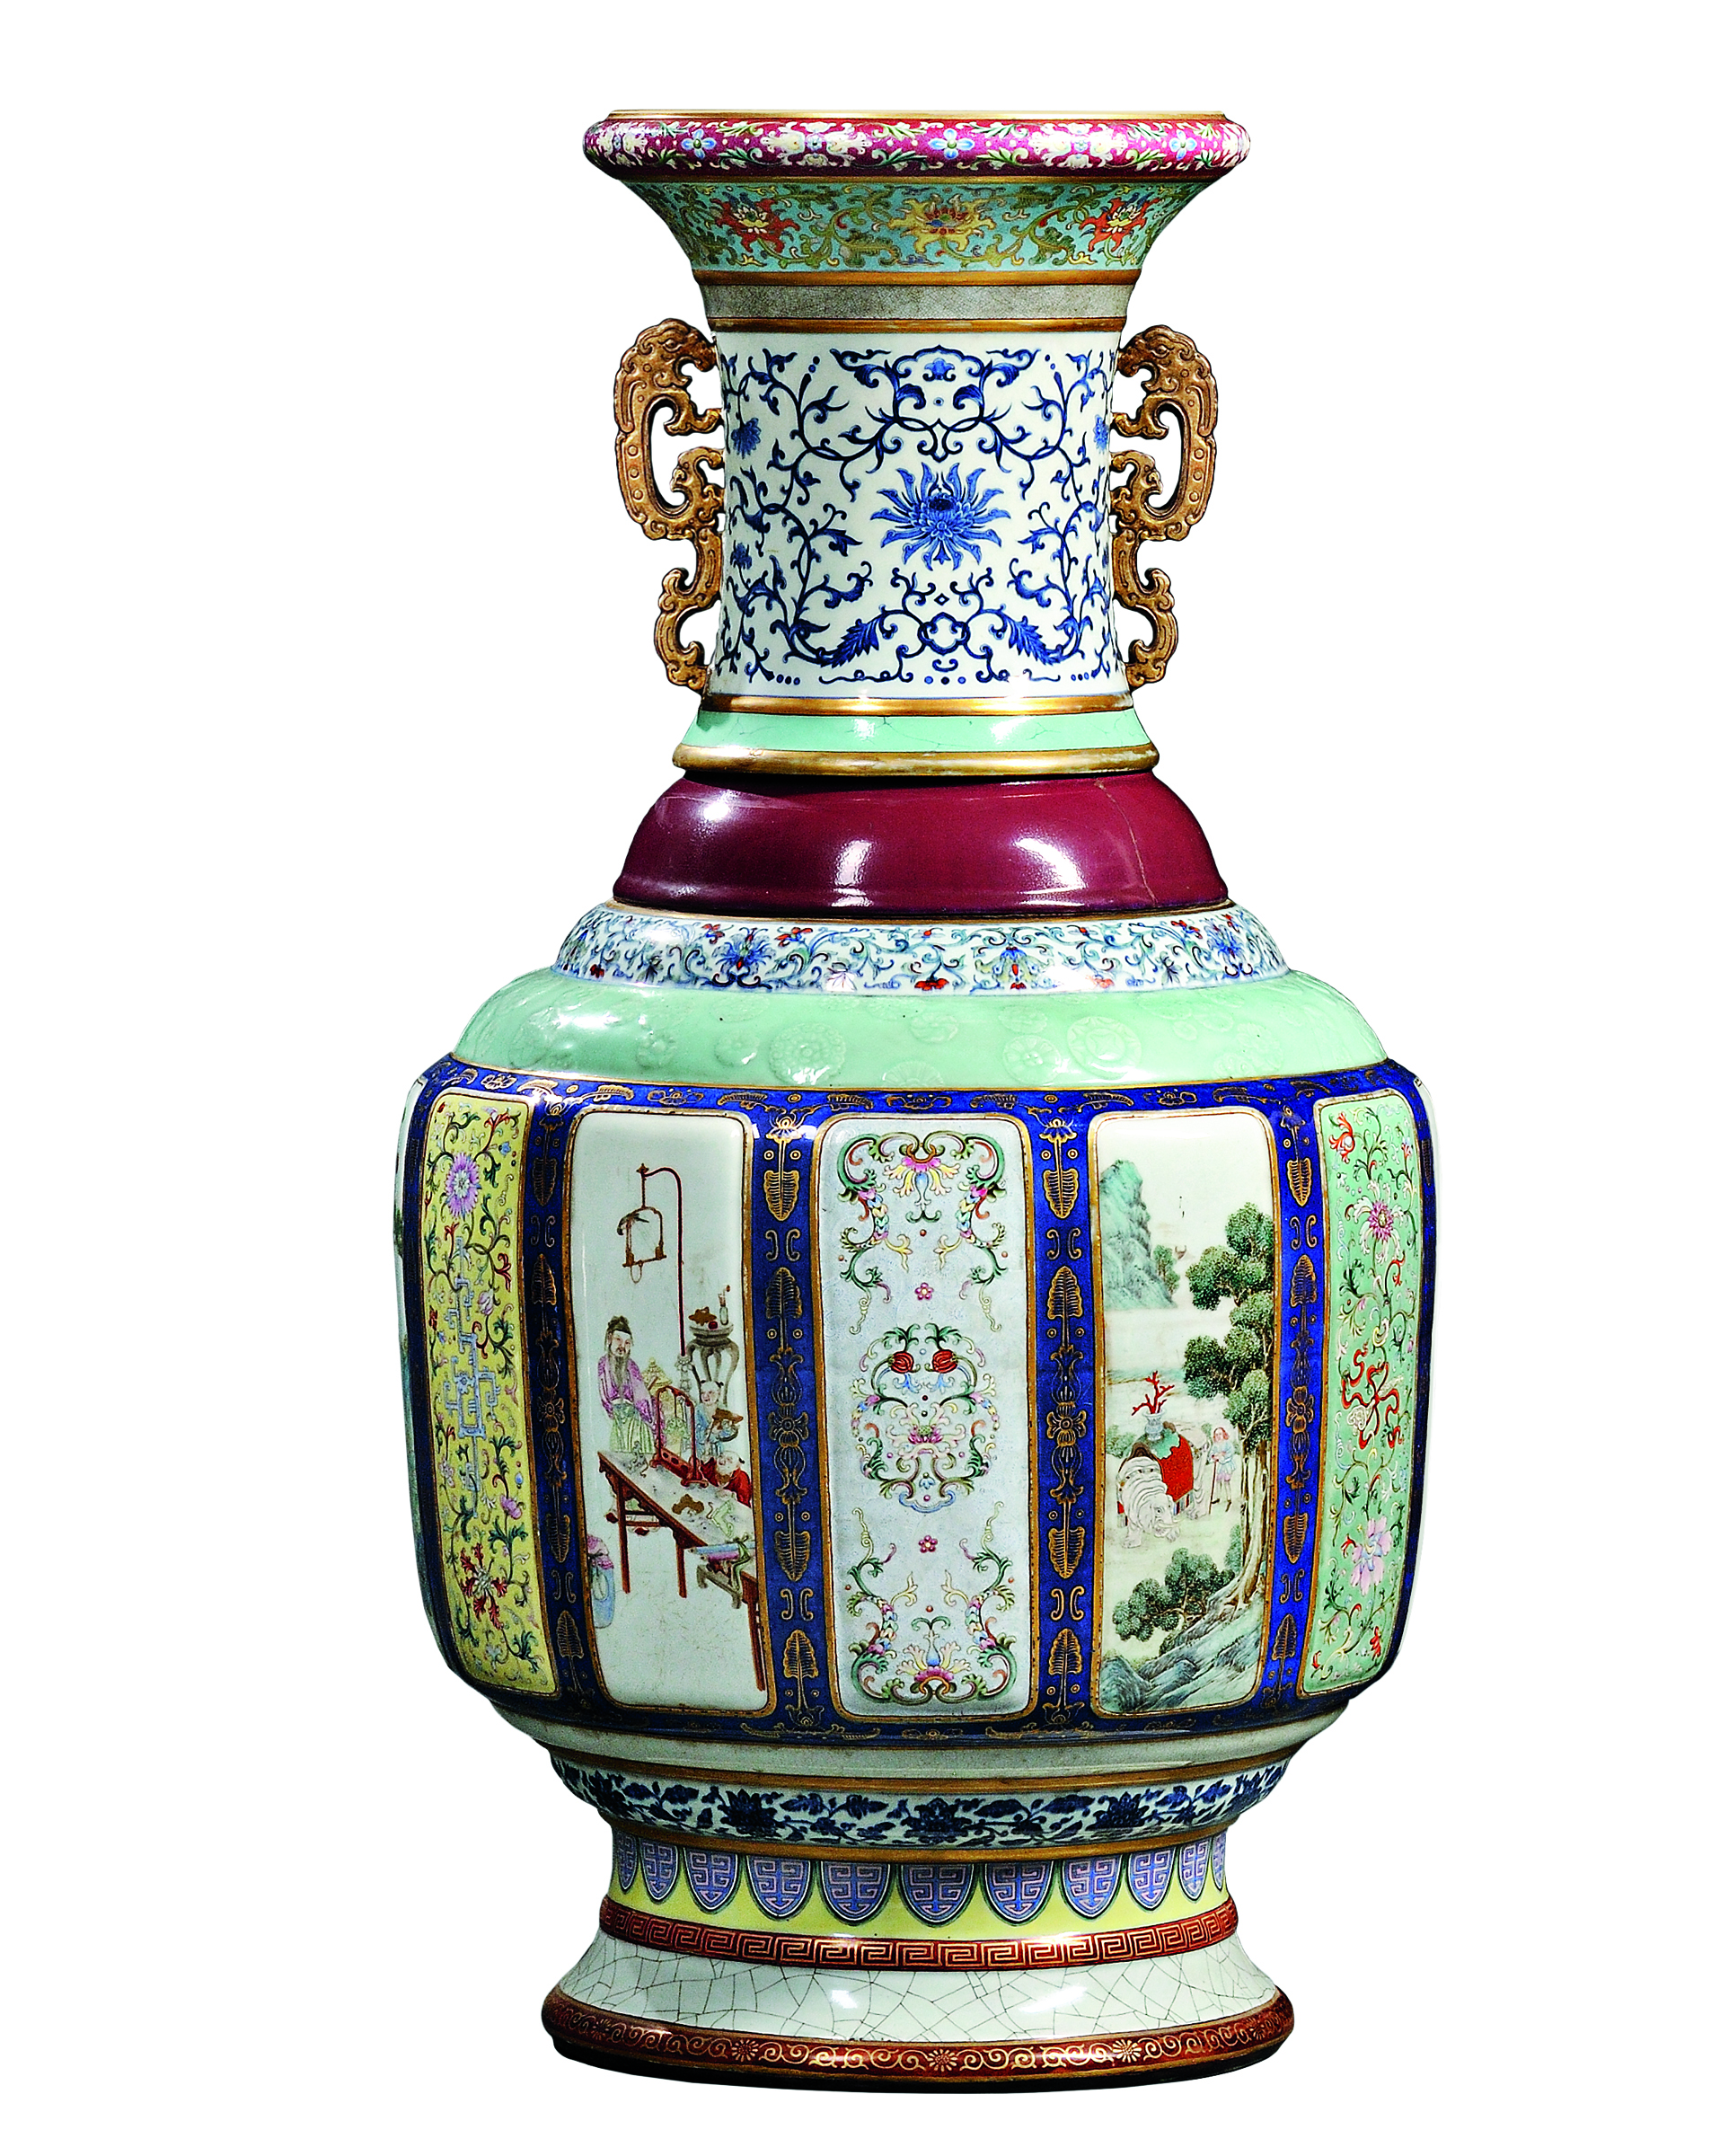 Monumental Fencai Flower and Landscape Vase sold for $24,723,000